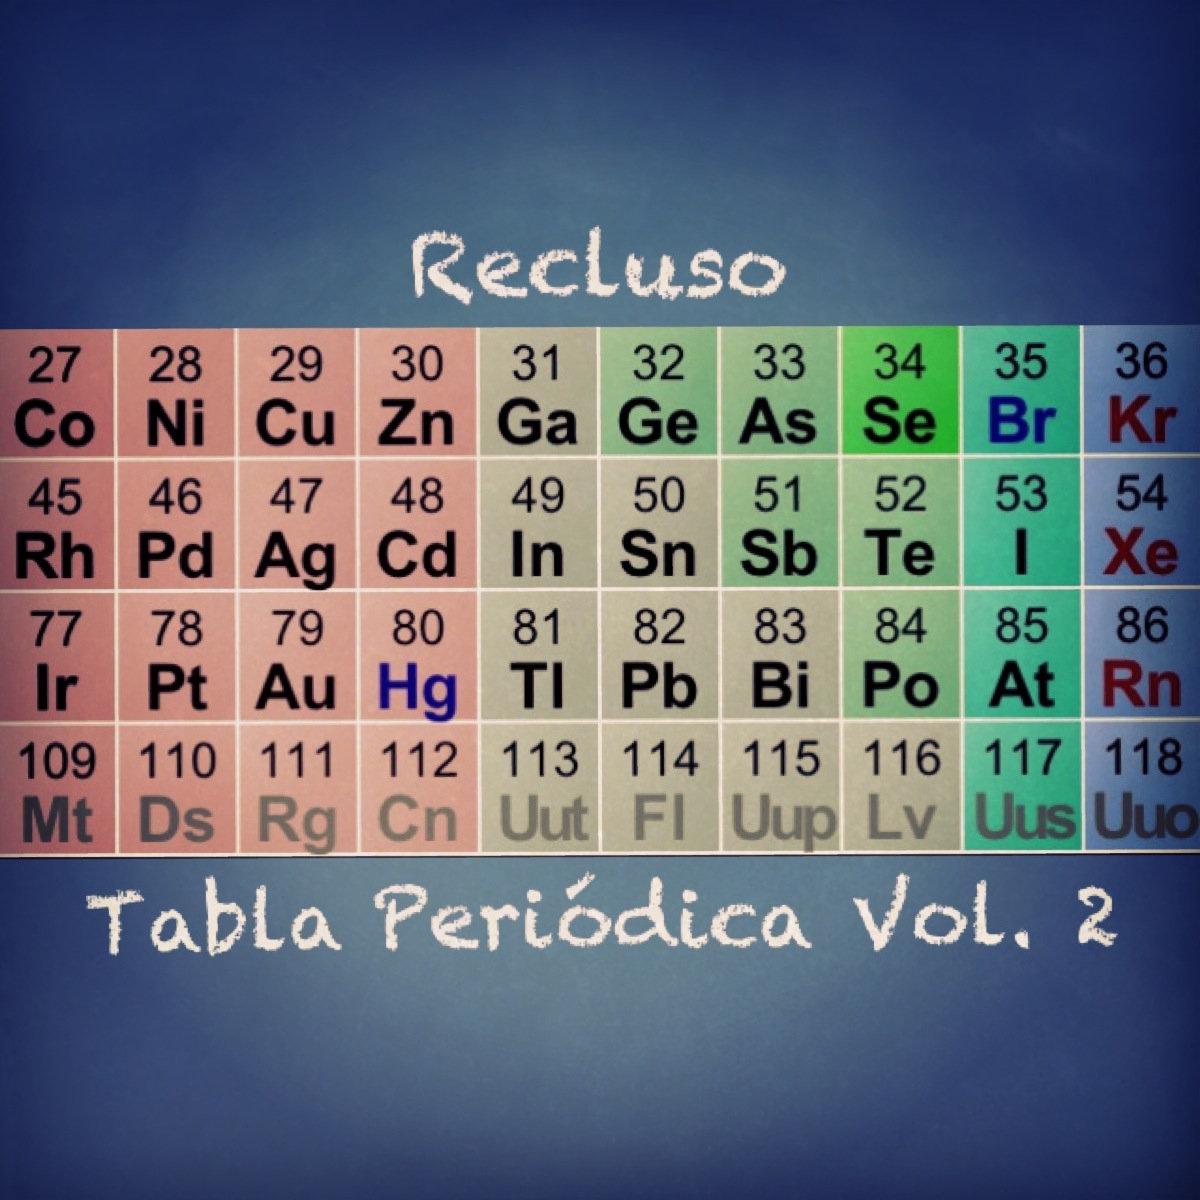 Zirconio recluso zirconio from tabla peridica vol 2 by recluso urtaz Choice Image